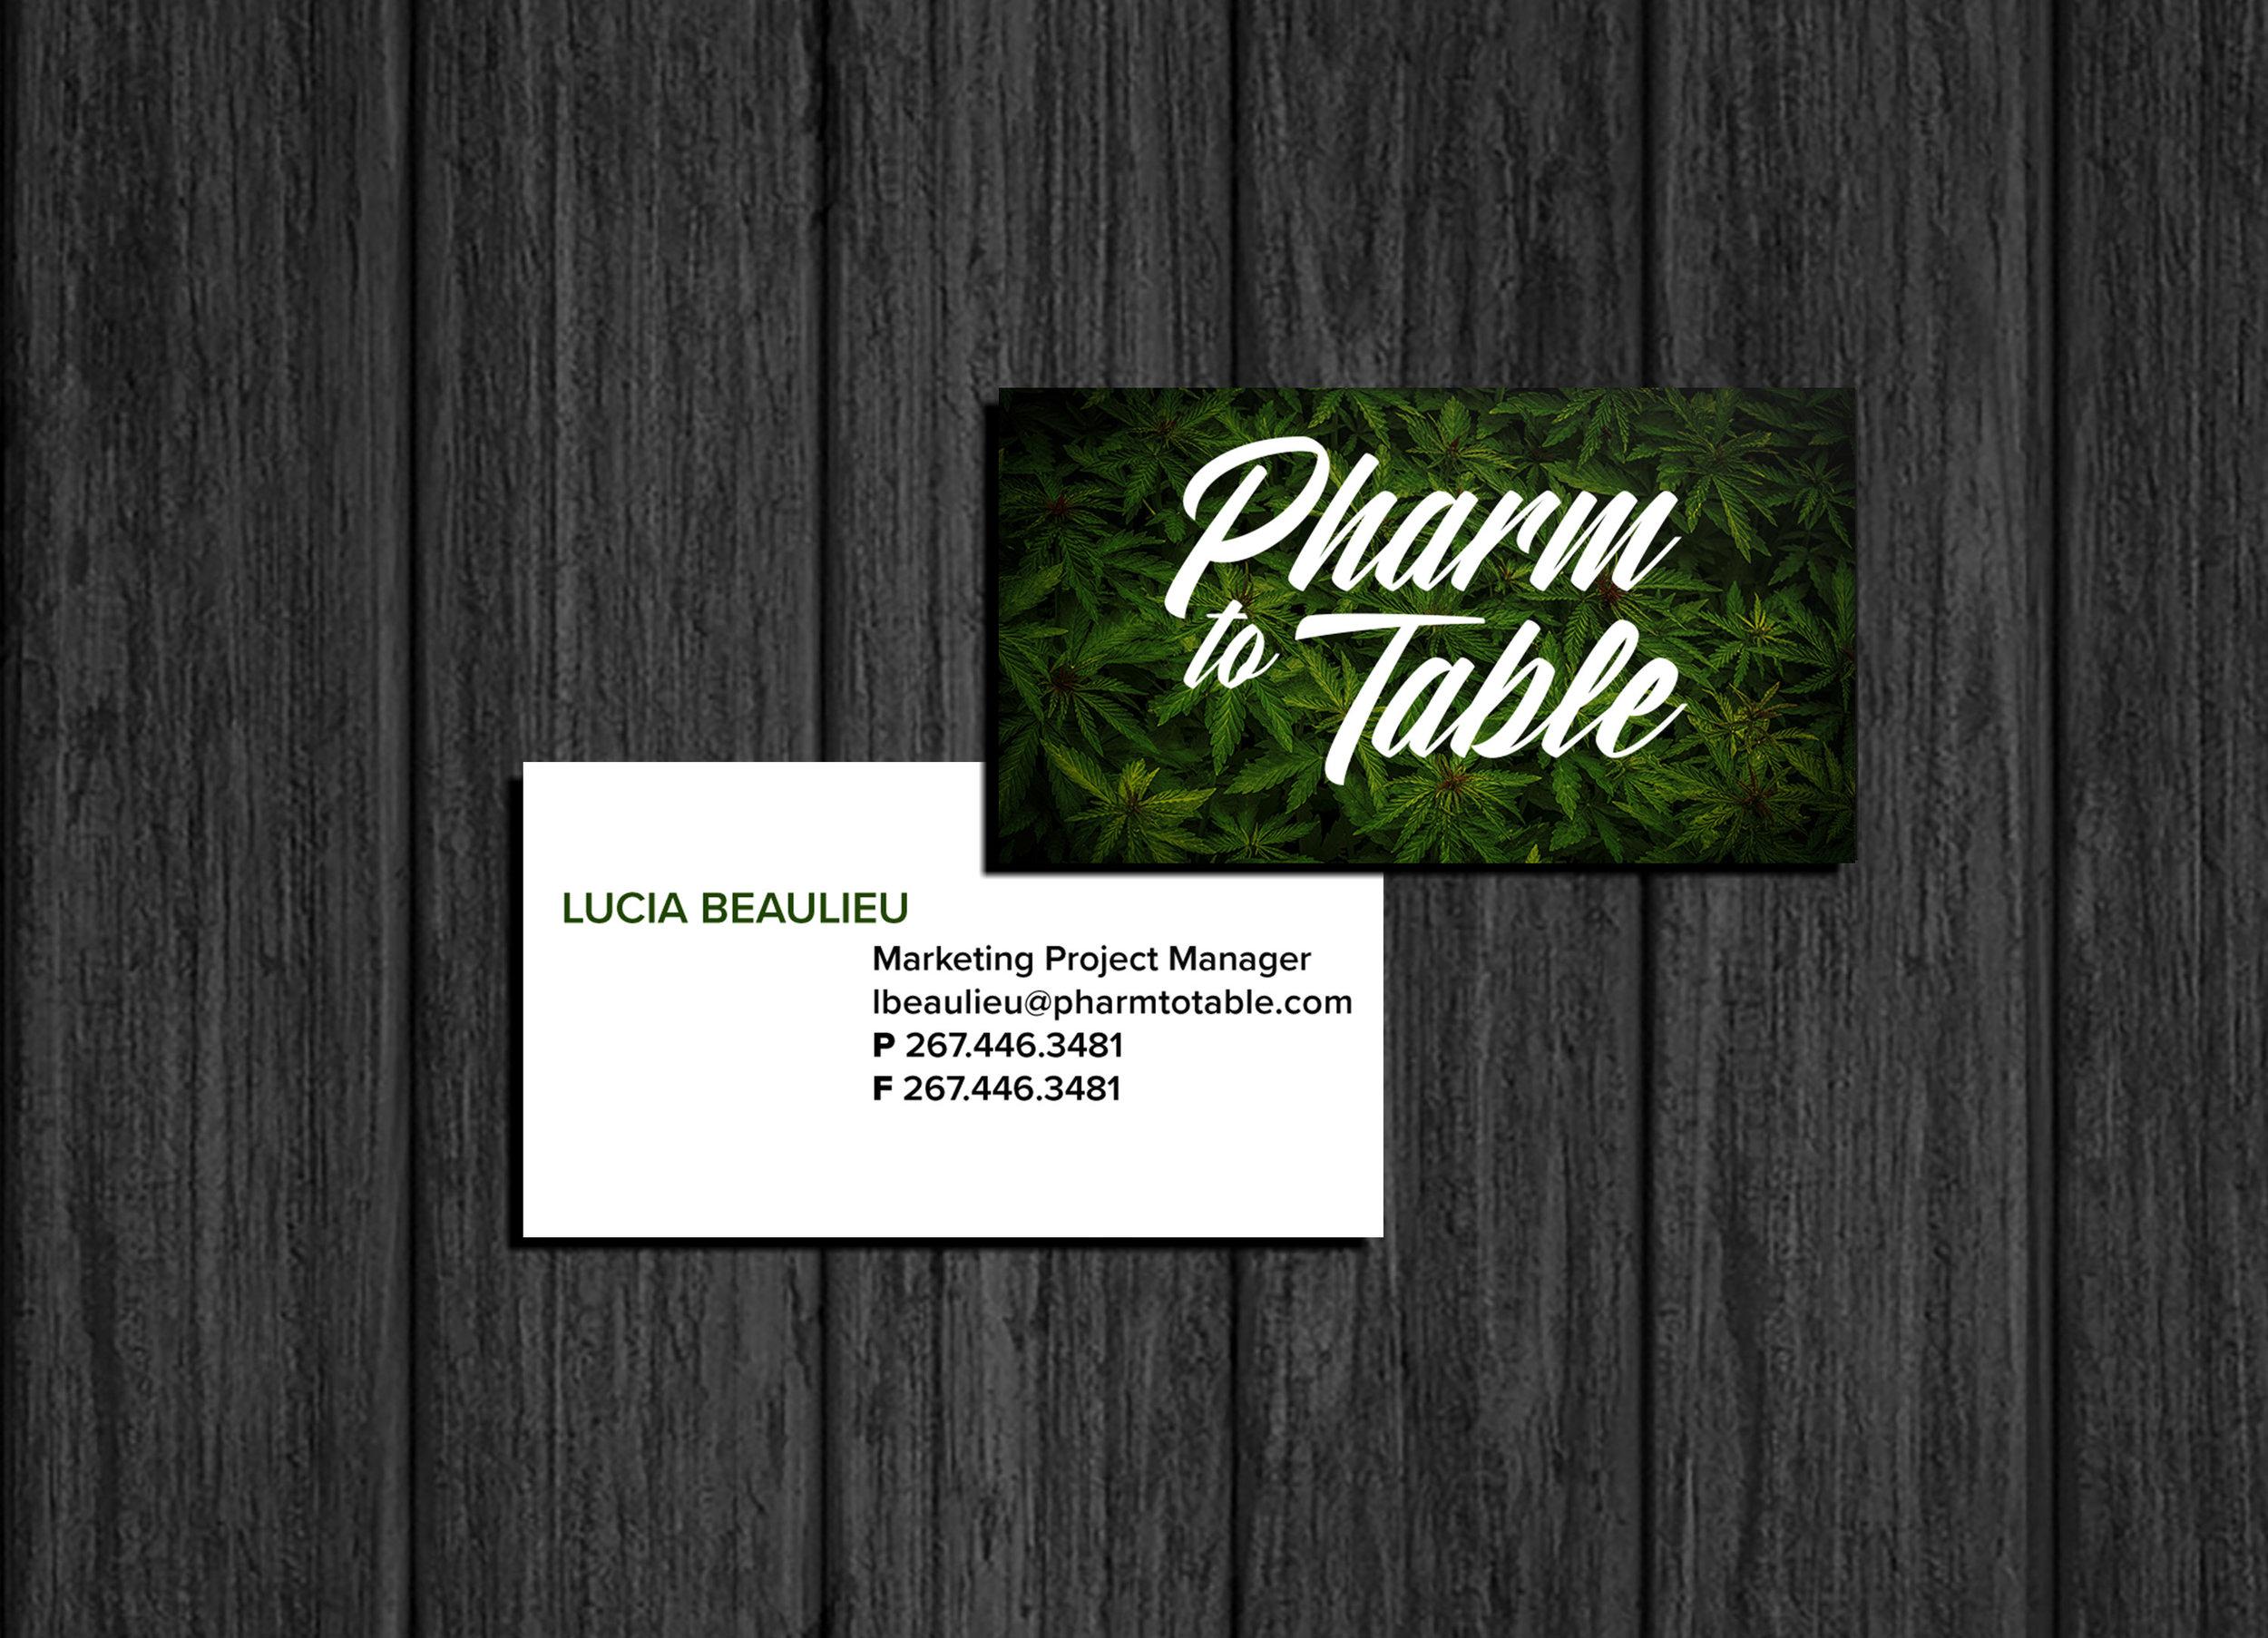 PharmToTable_BusinessCards.jpg